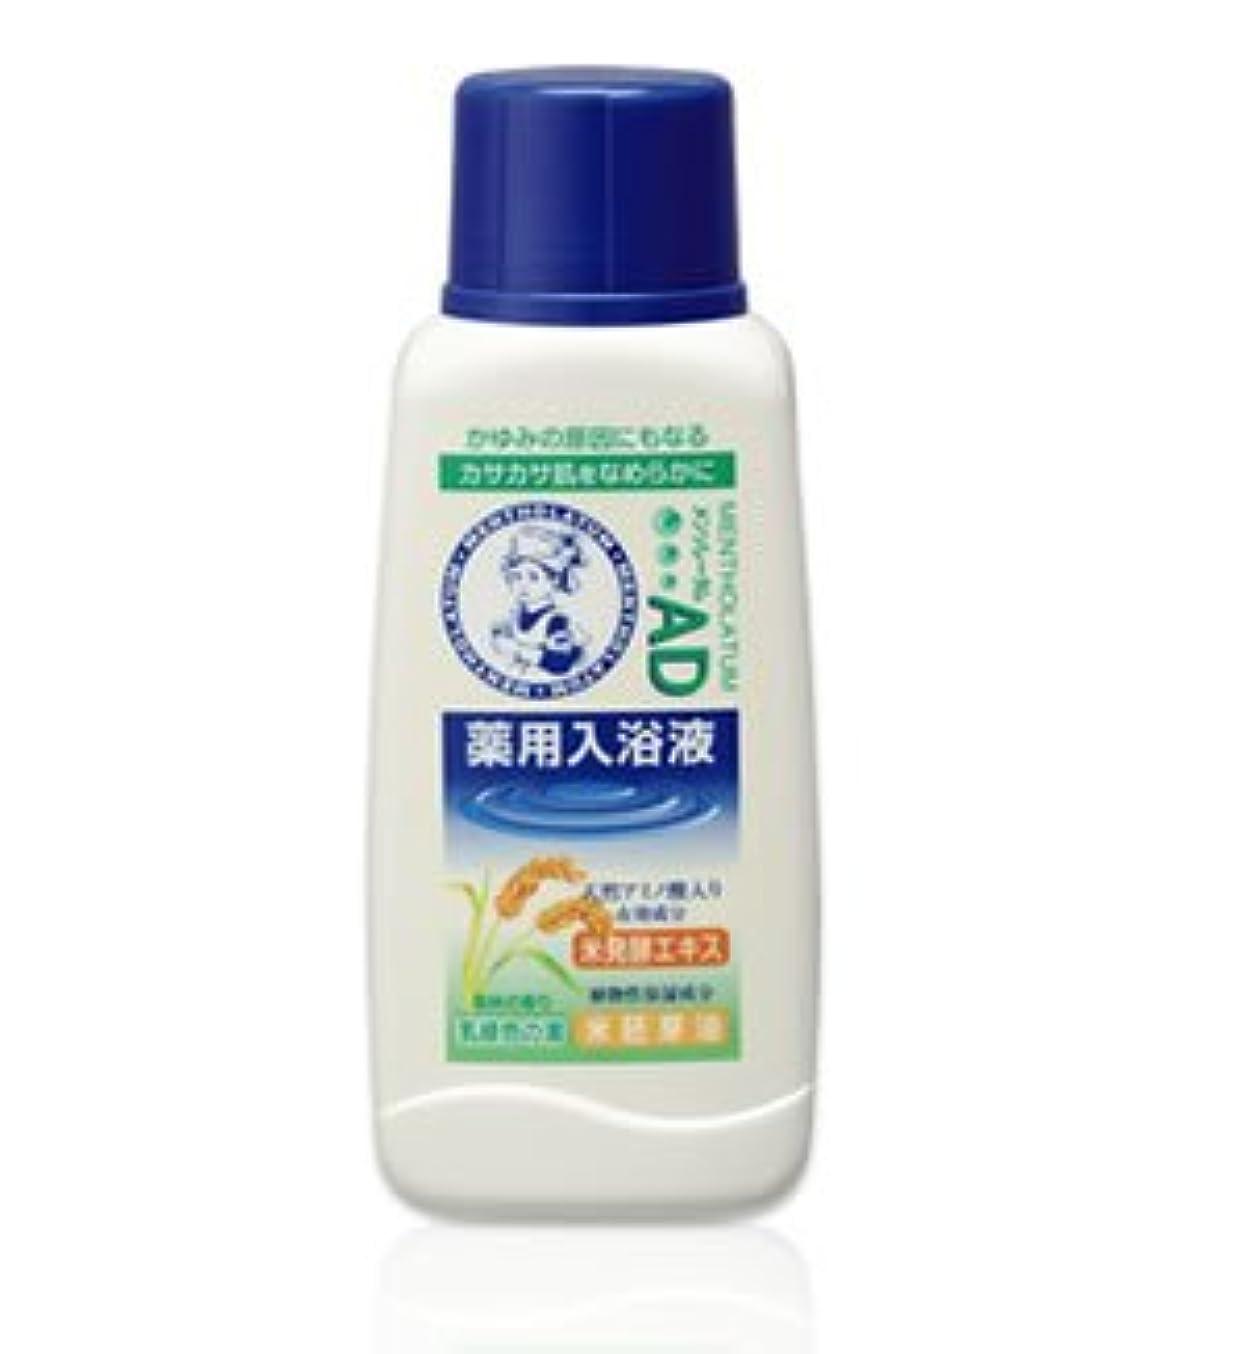 トライアスロン産地おとうさん(ロート)メンソレータム AD薬用入浴剤 森林の香り720ml(医薬部外品)